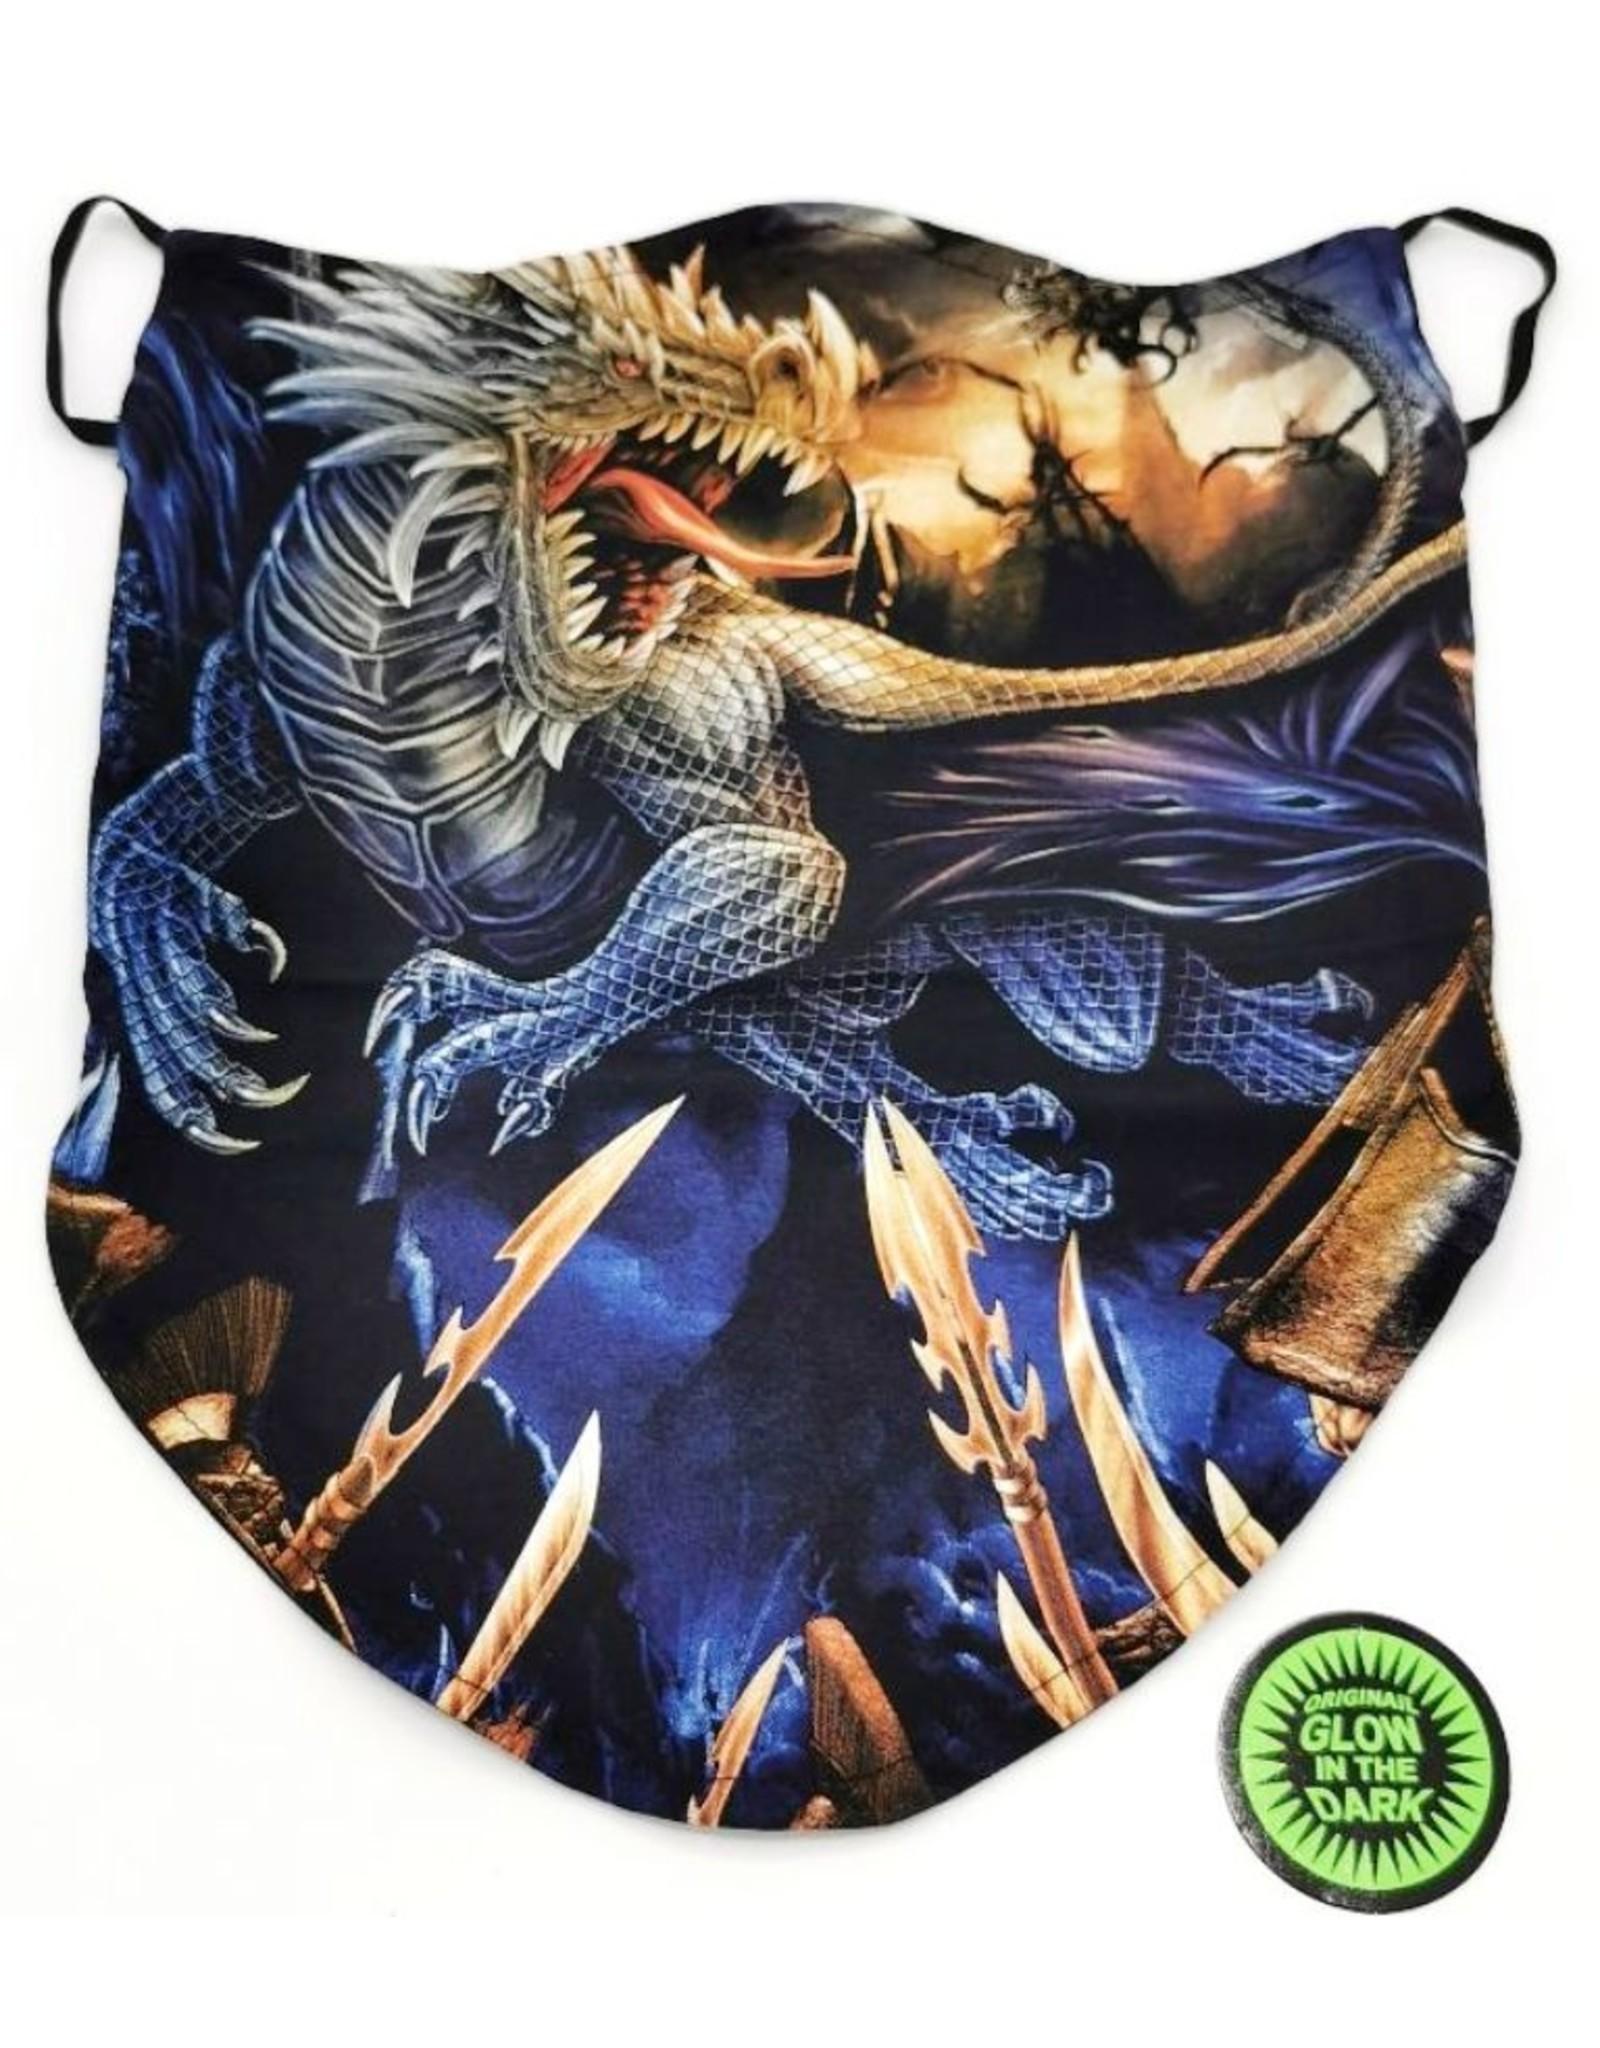 Wild Design Biker sjaals - Biker-sjaal Blauwe Draak